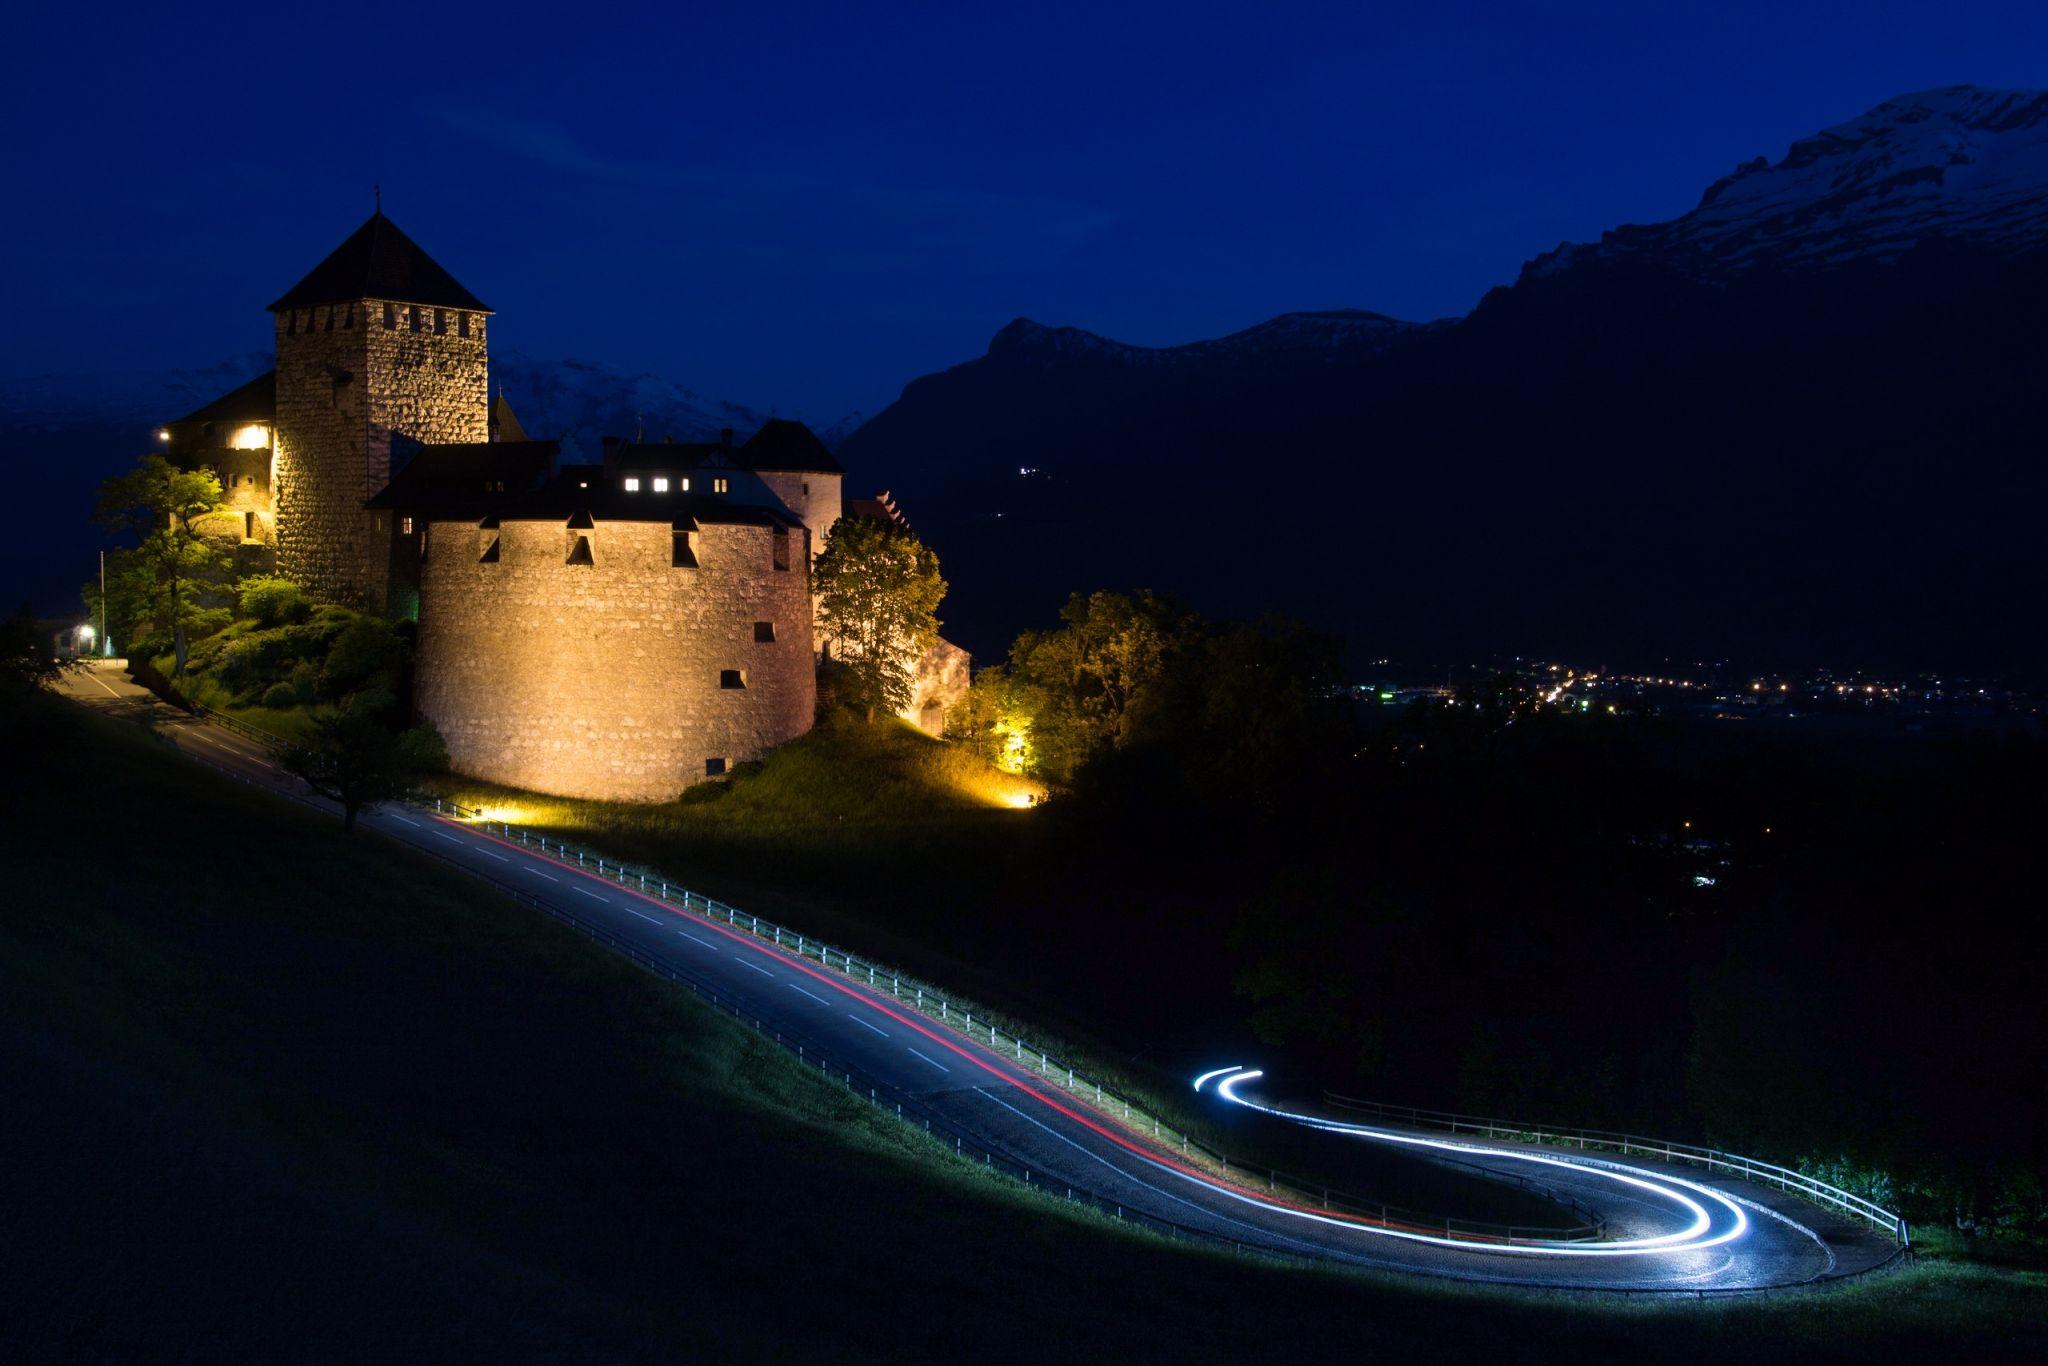 Schloss Vaduz at night, Liechtenstein